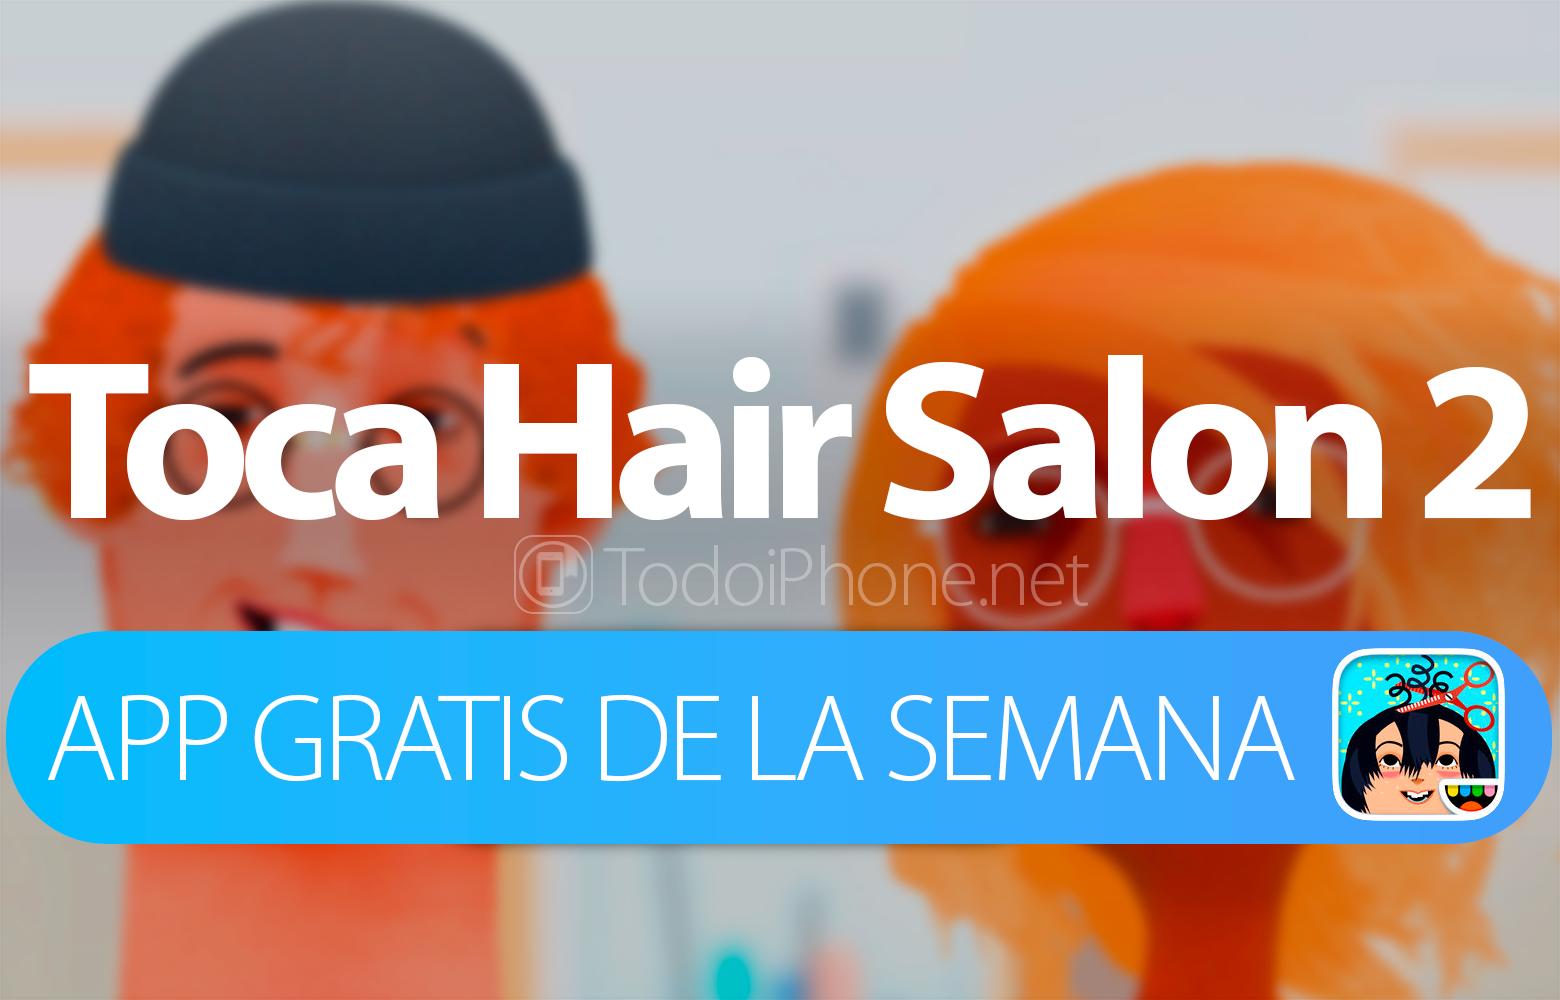 toca-hair-2-app-gratis-semana